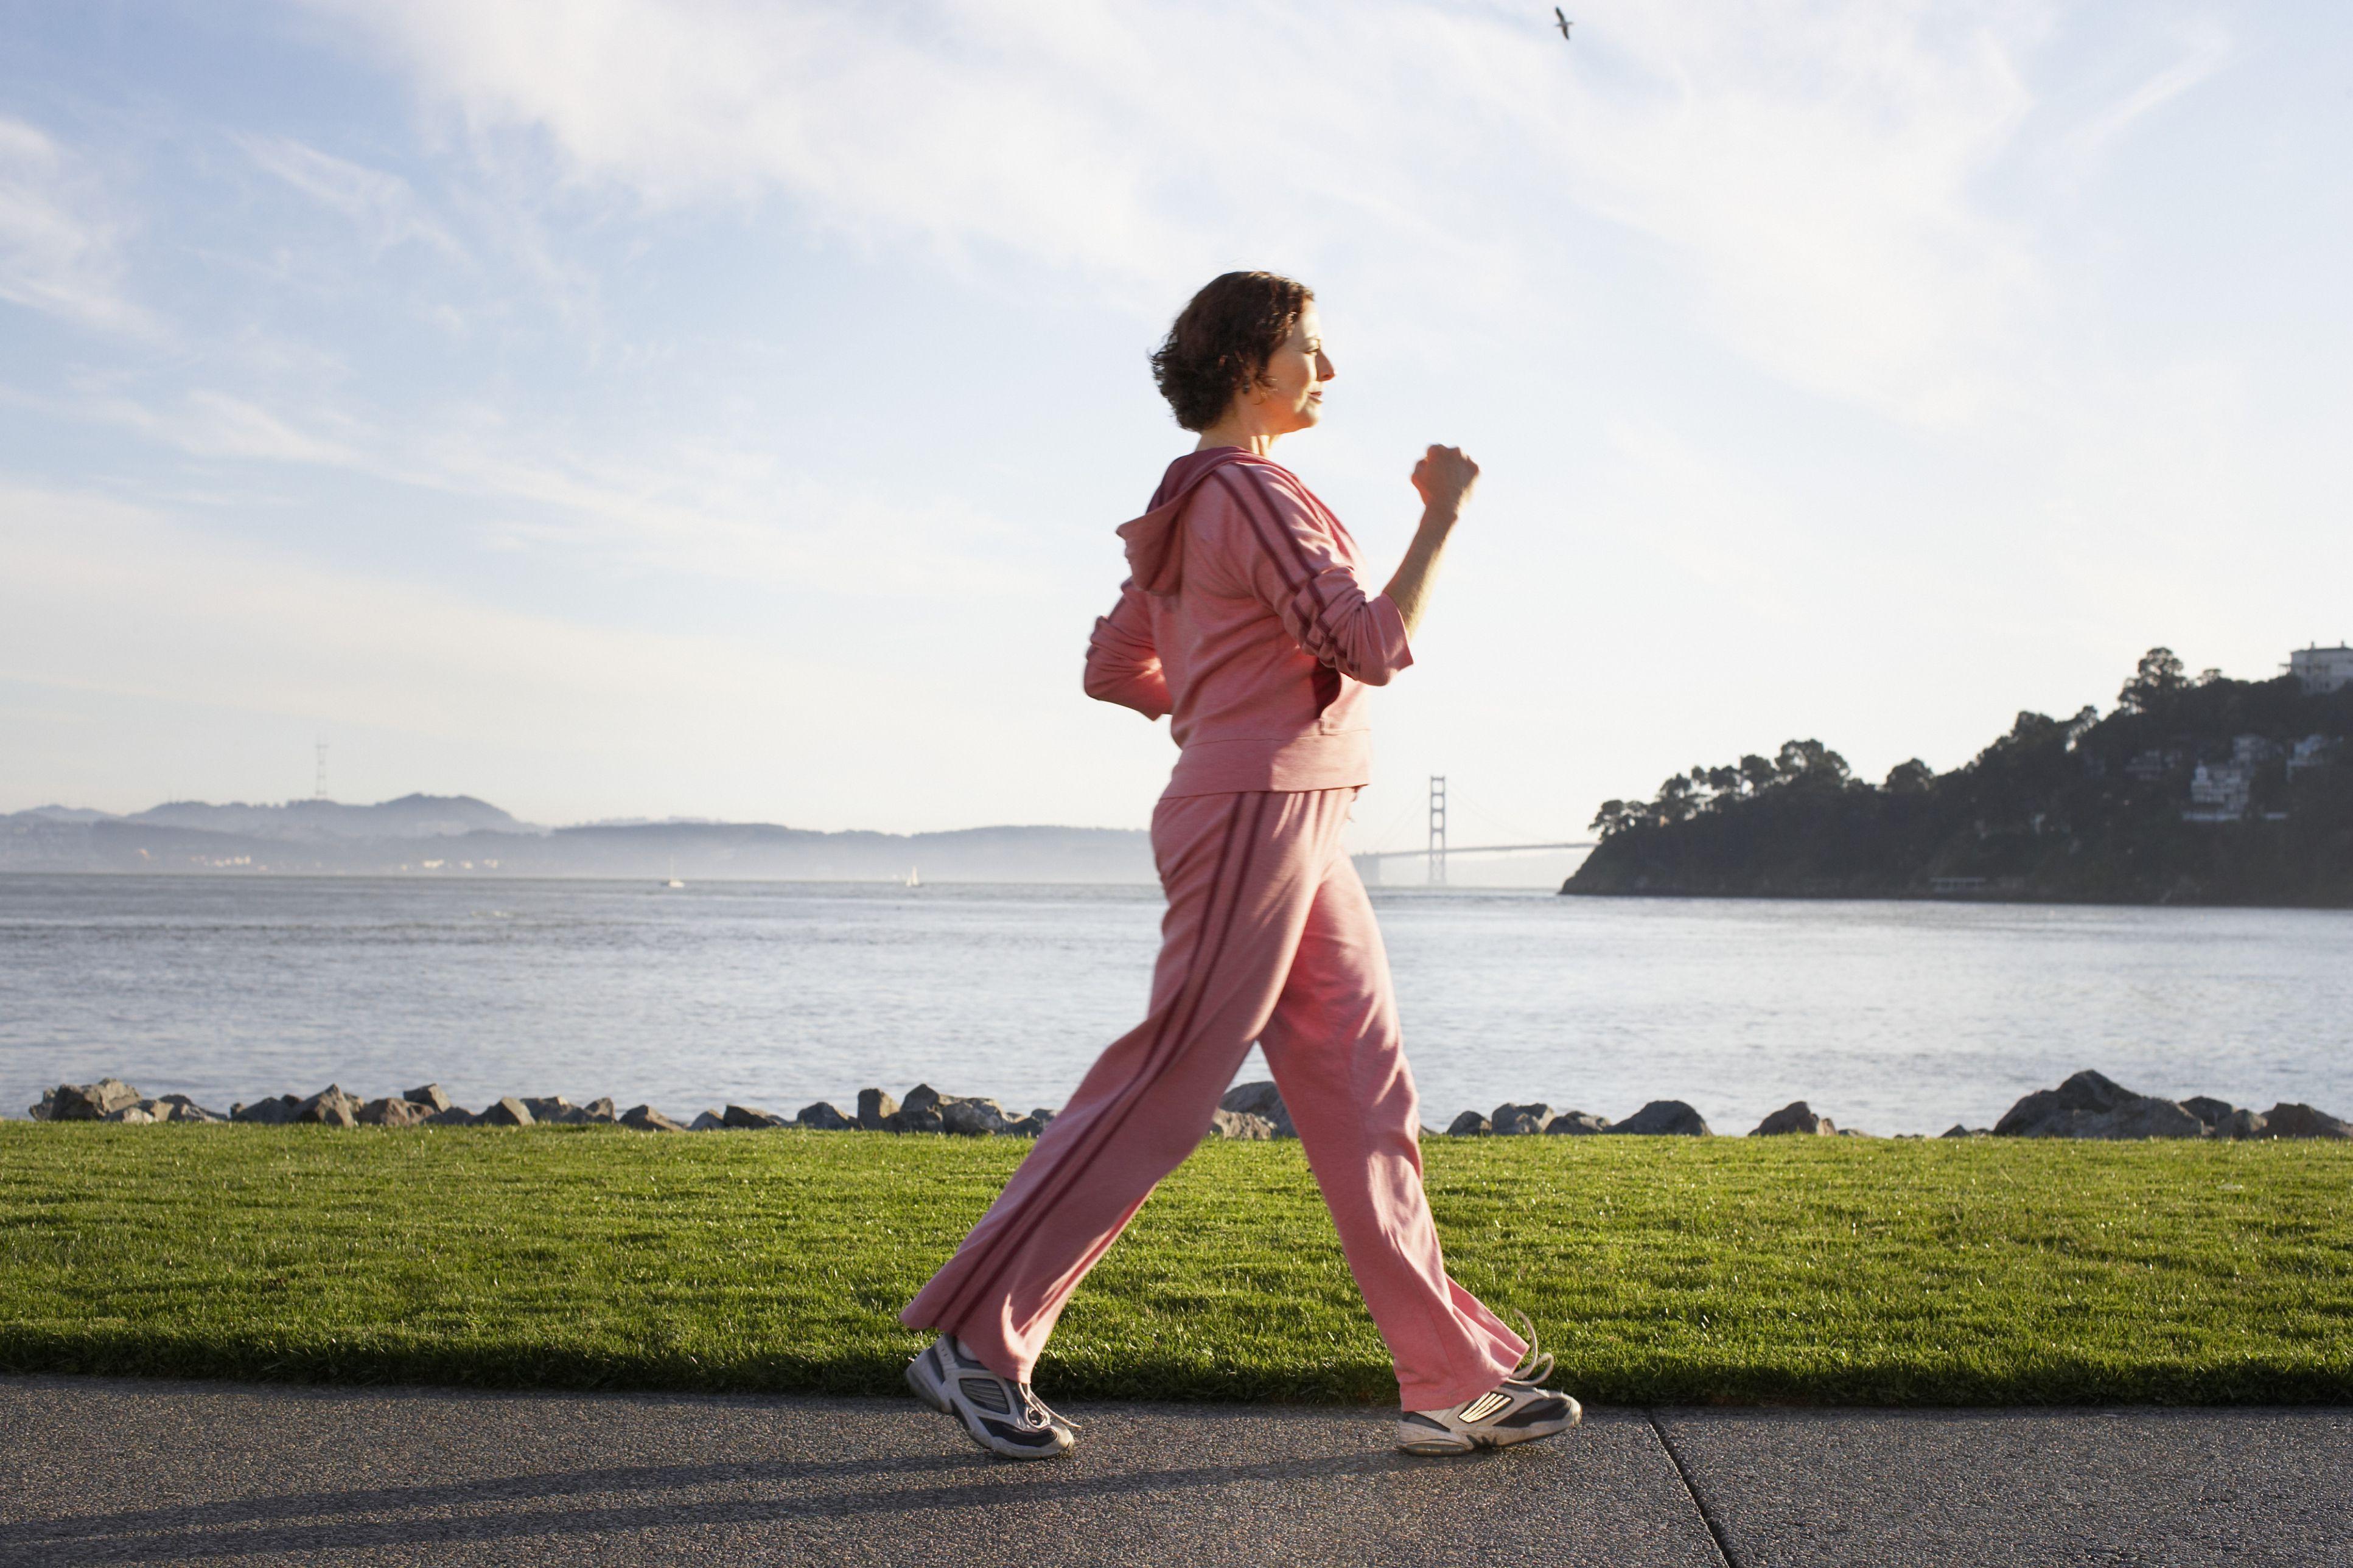 Woman Walking Solo - Fuse - Getty